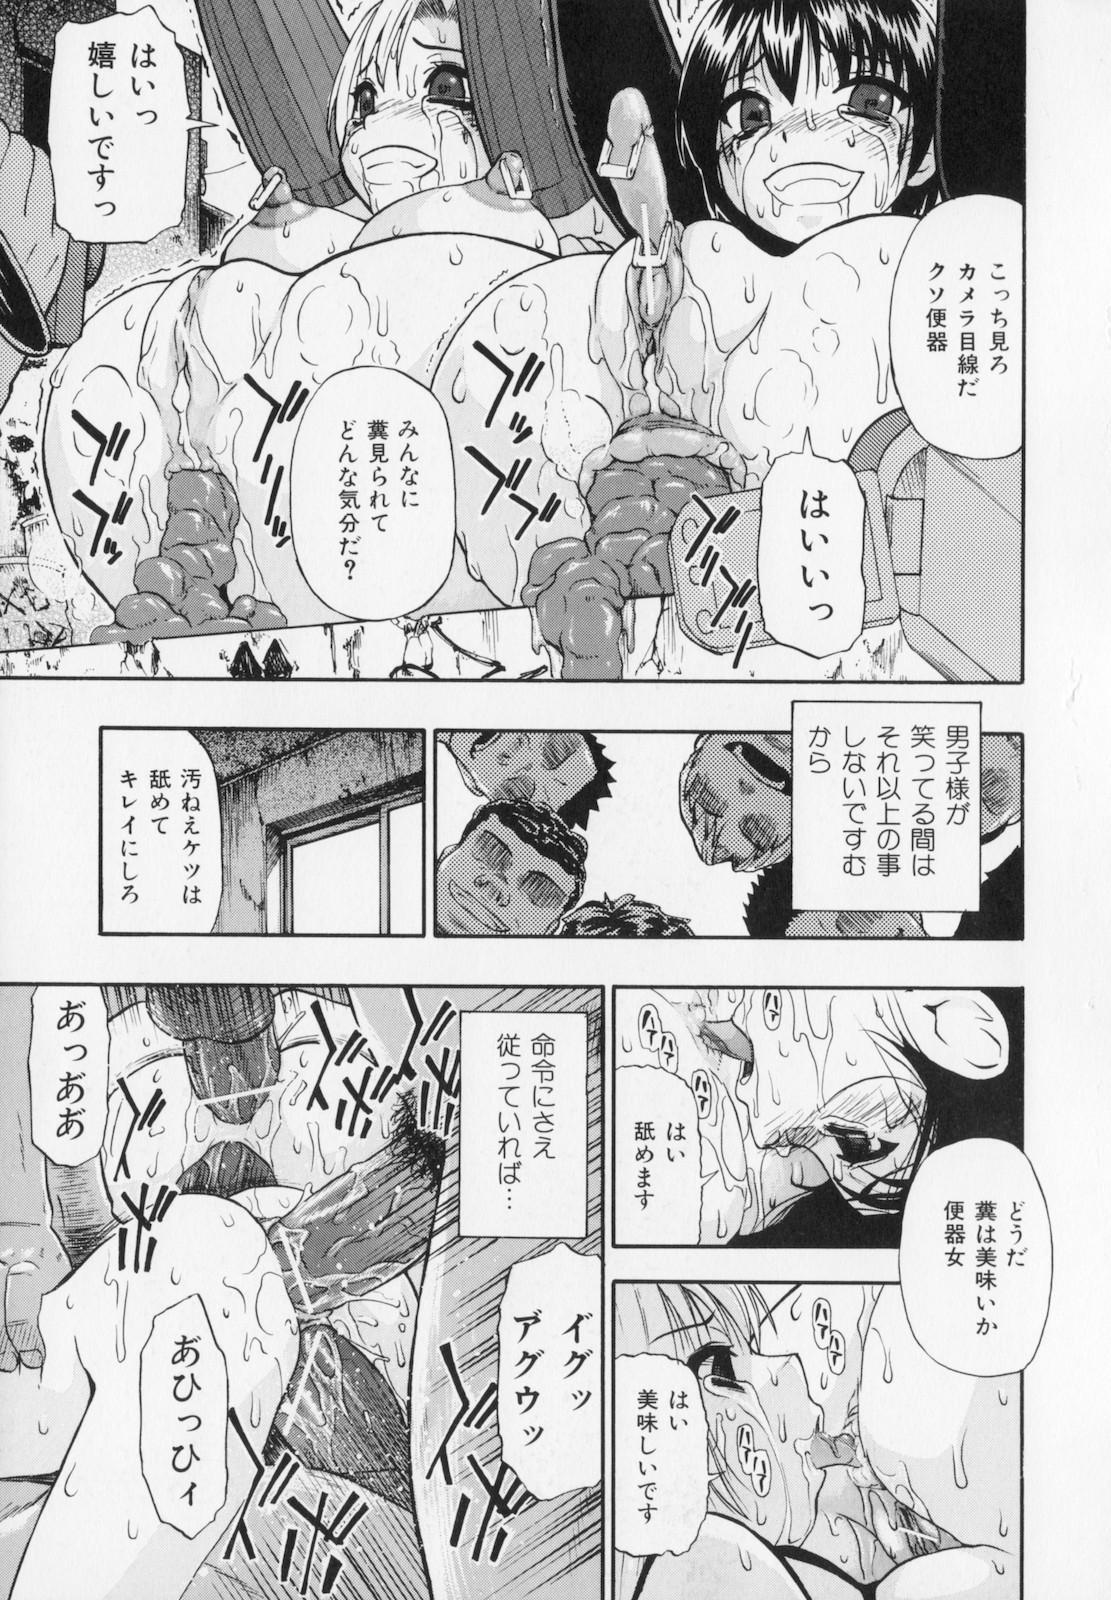 Hitodenashi no Utage - Veranstaltungsräume von Brute 120